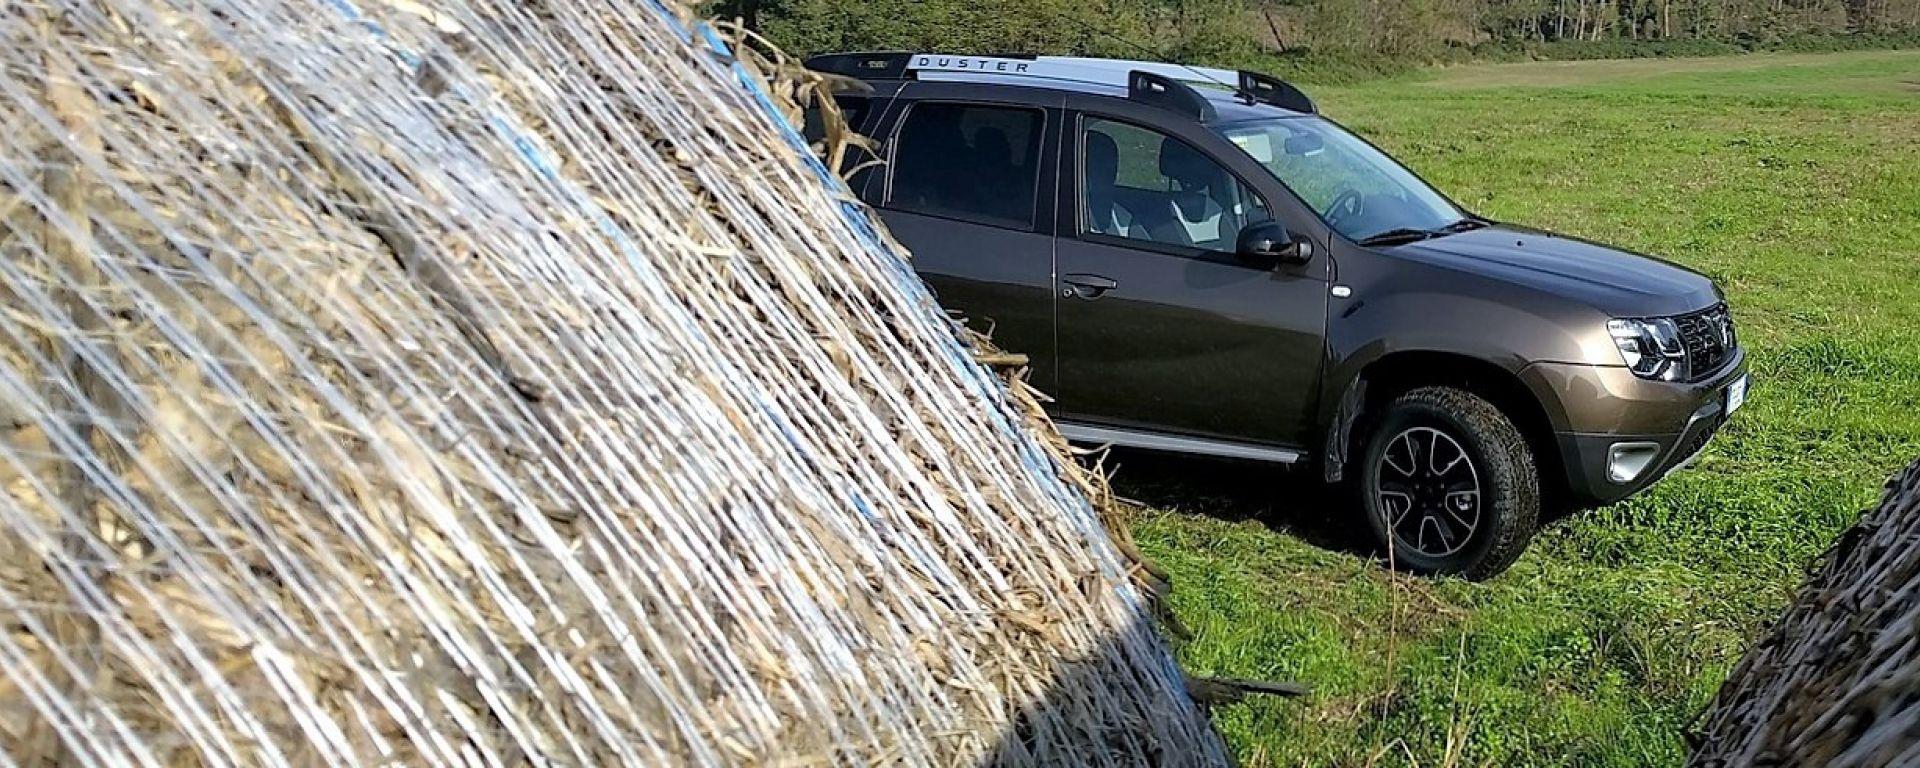 Dacia Duster 1.6 GPL Black Shadow: prova, prezzi e dotazioni